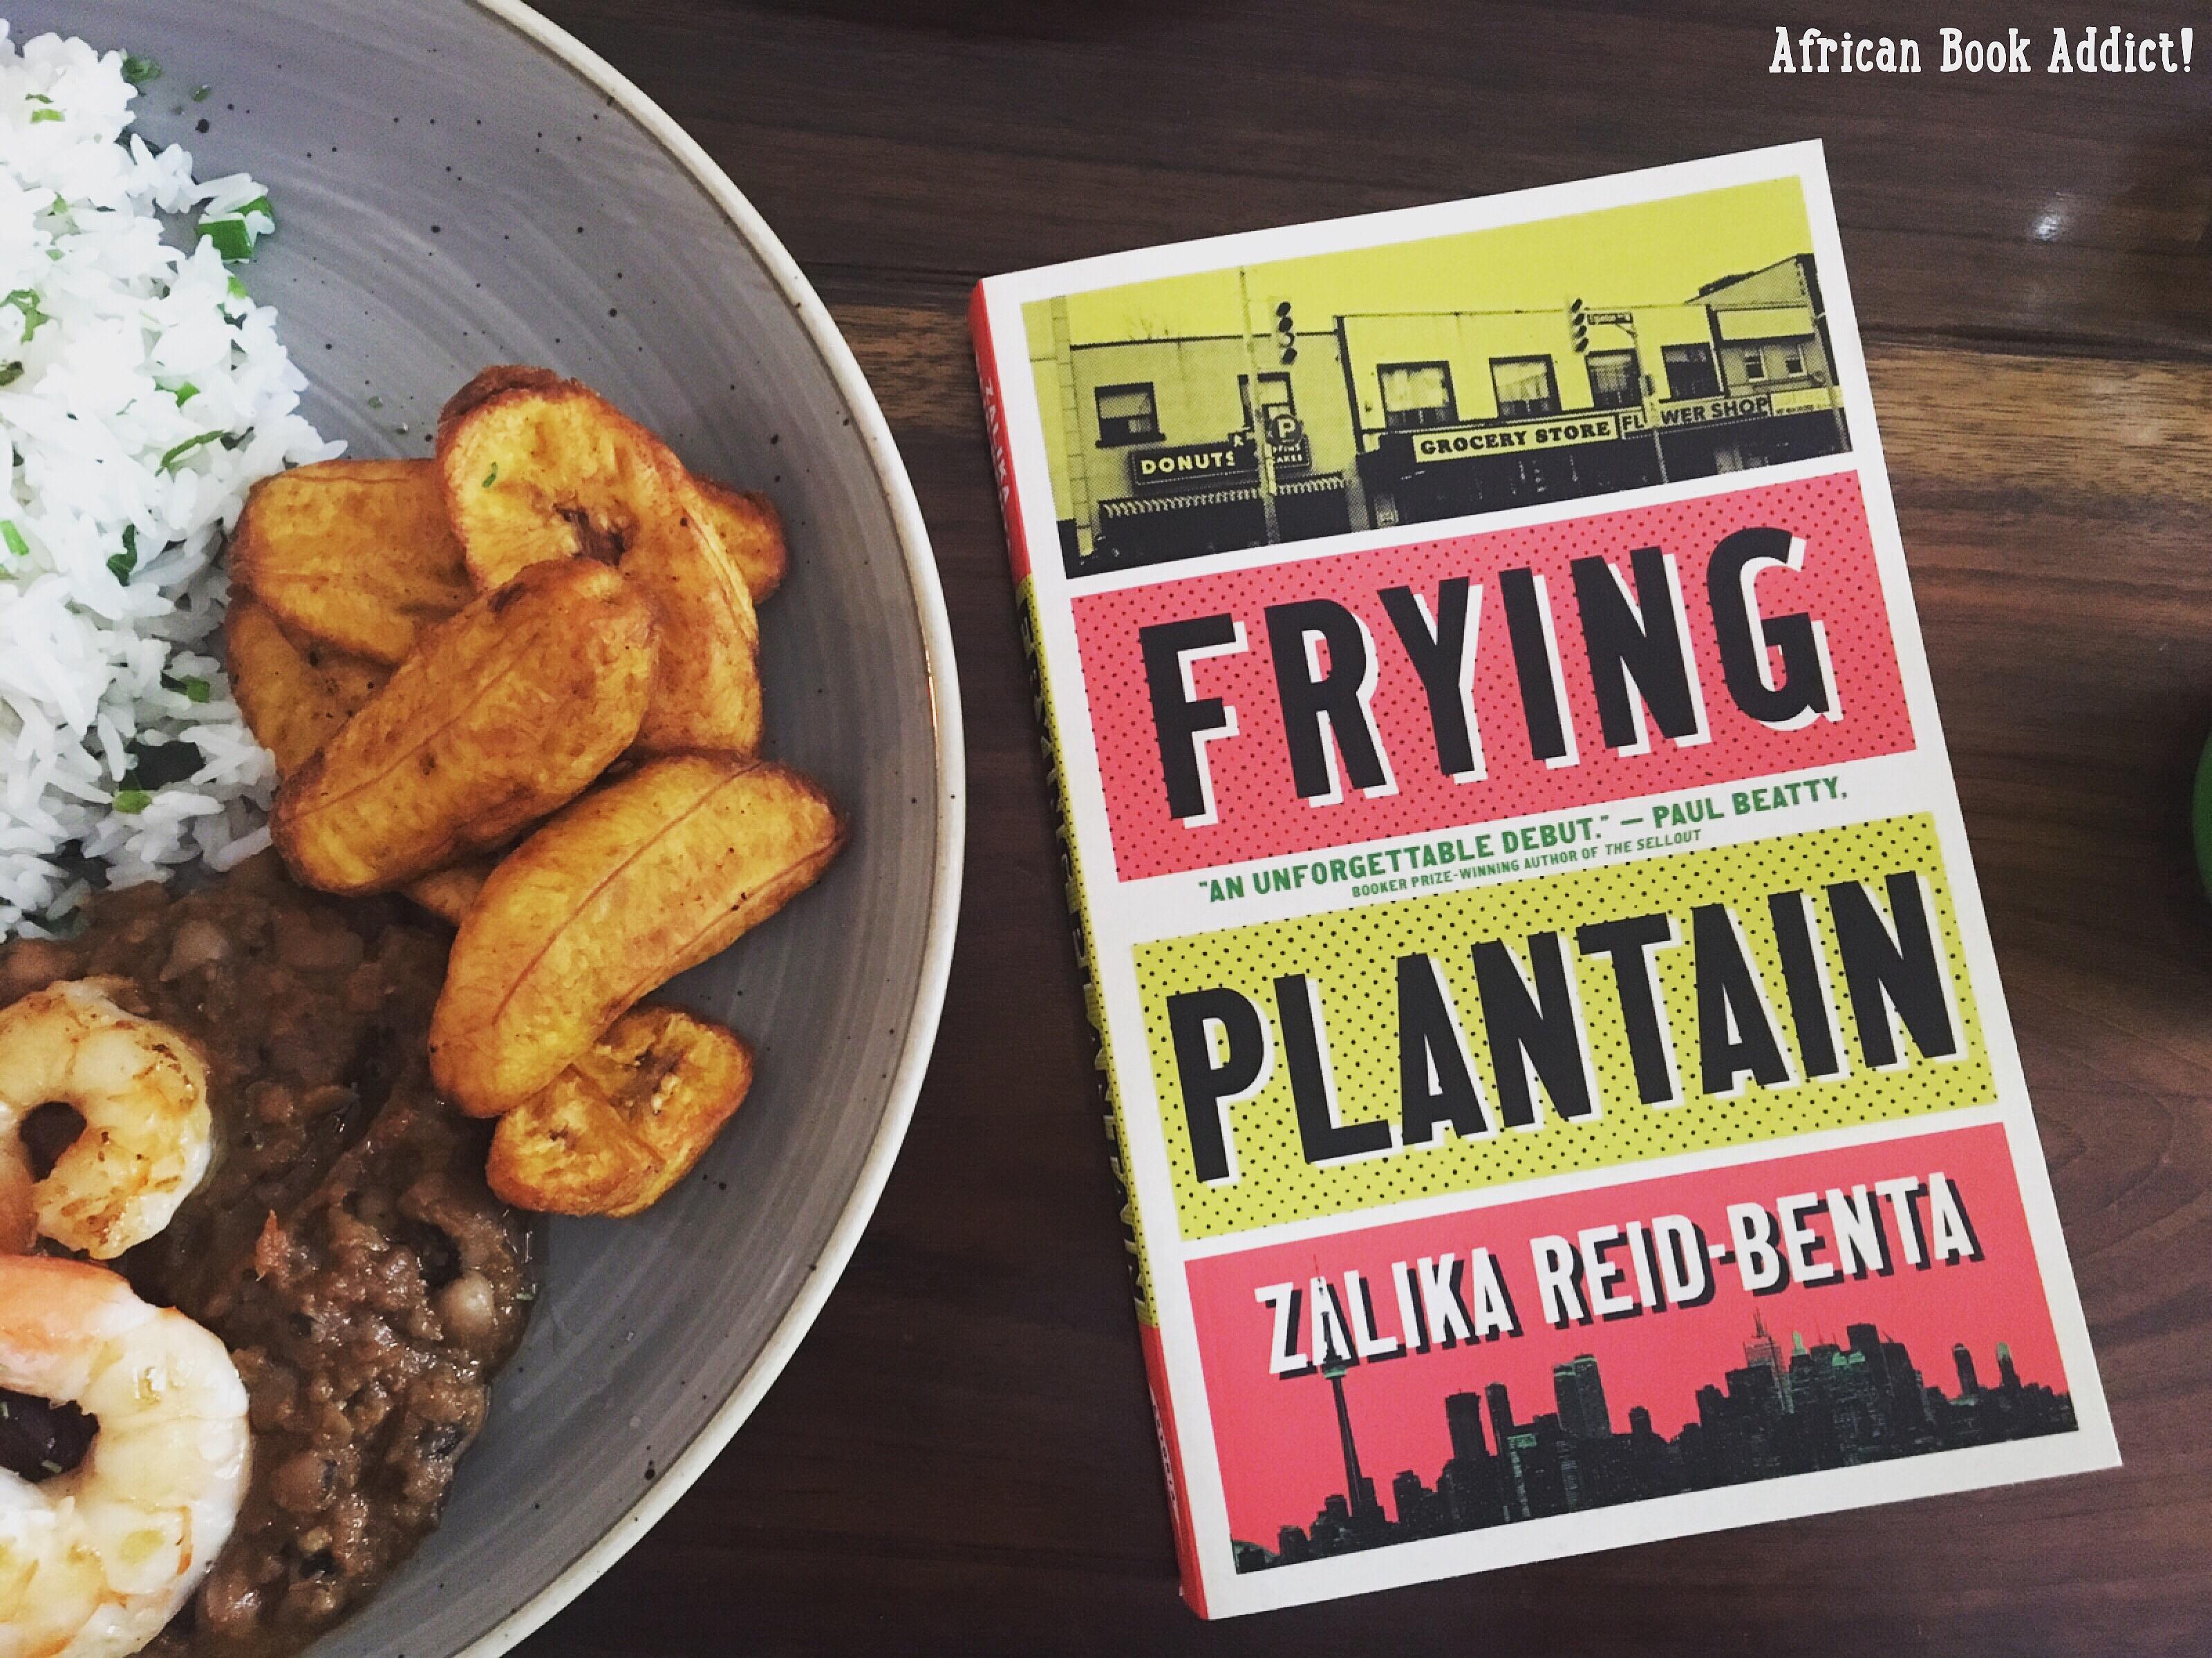 Frying Plantain by Zalika Reid-Benta